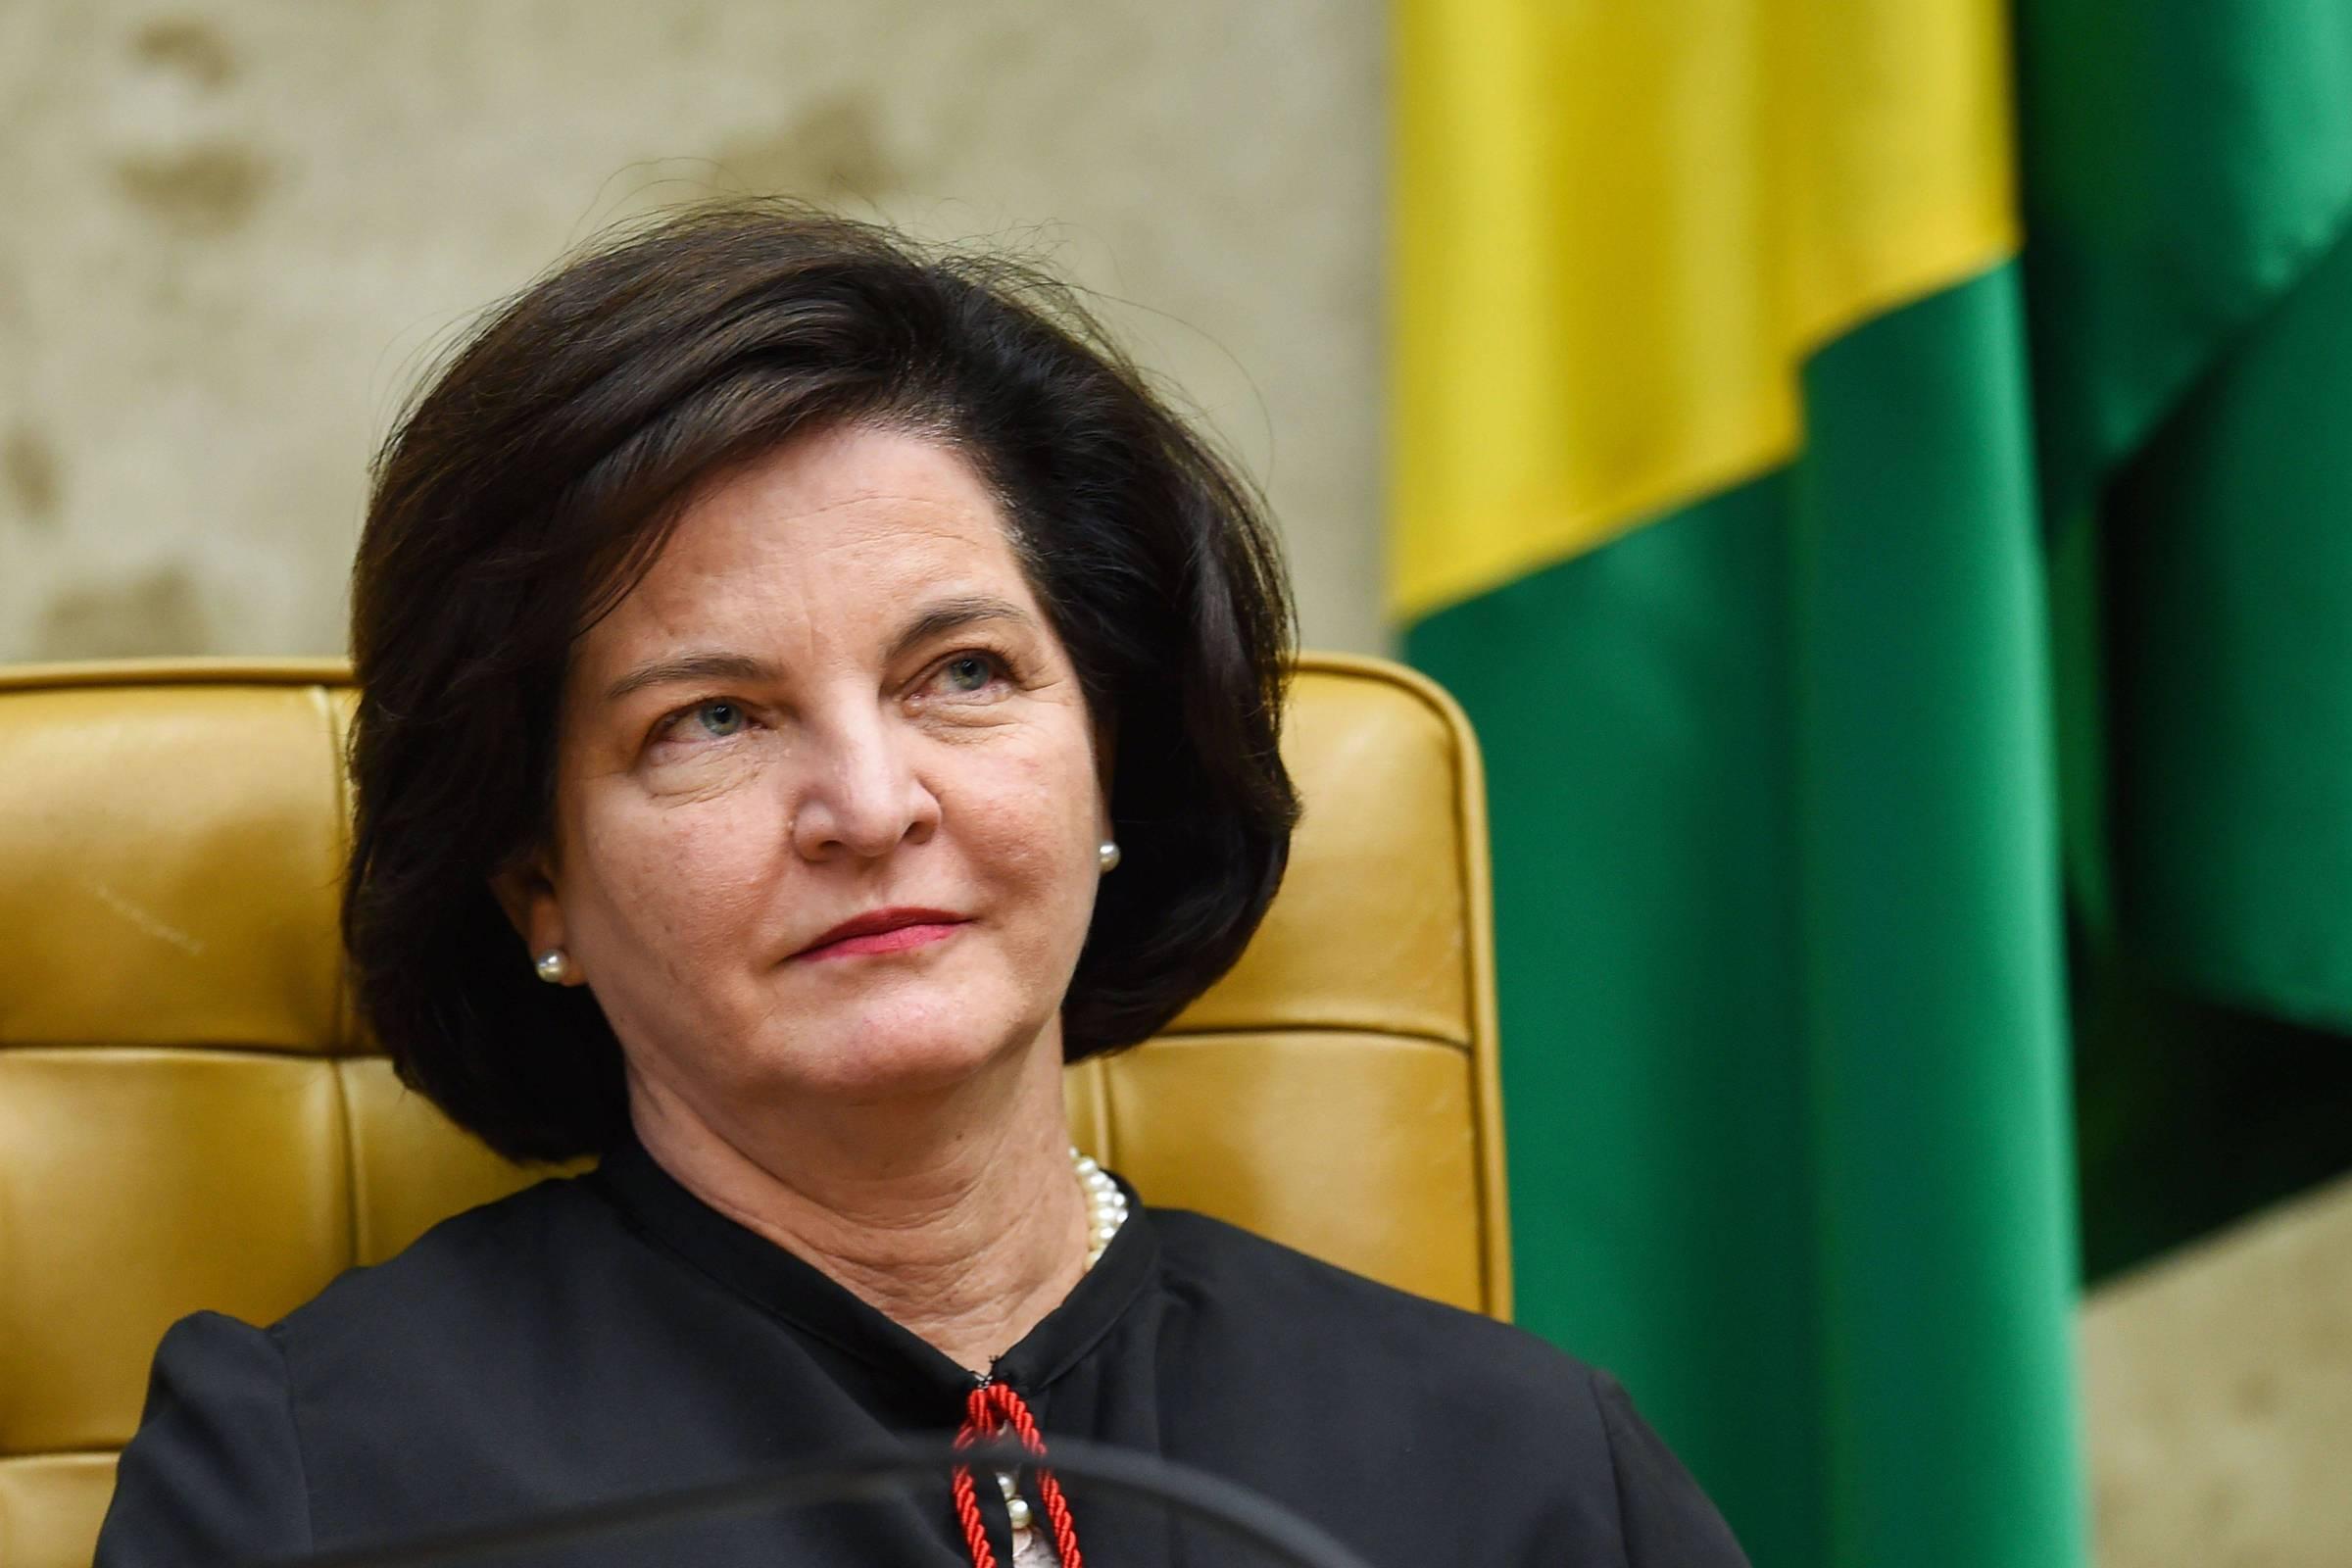 Dodge denuncia ministro do TCU e filho sob acusação de tráfico de influência